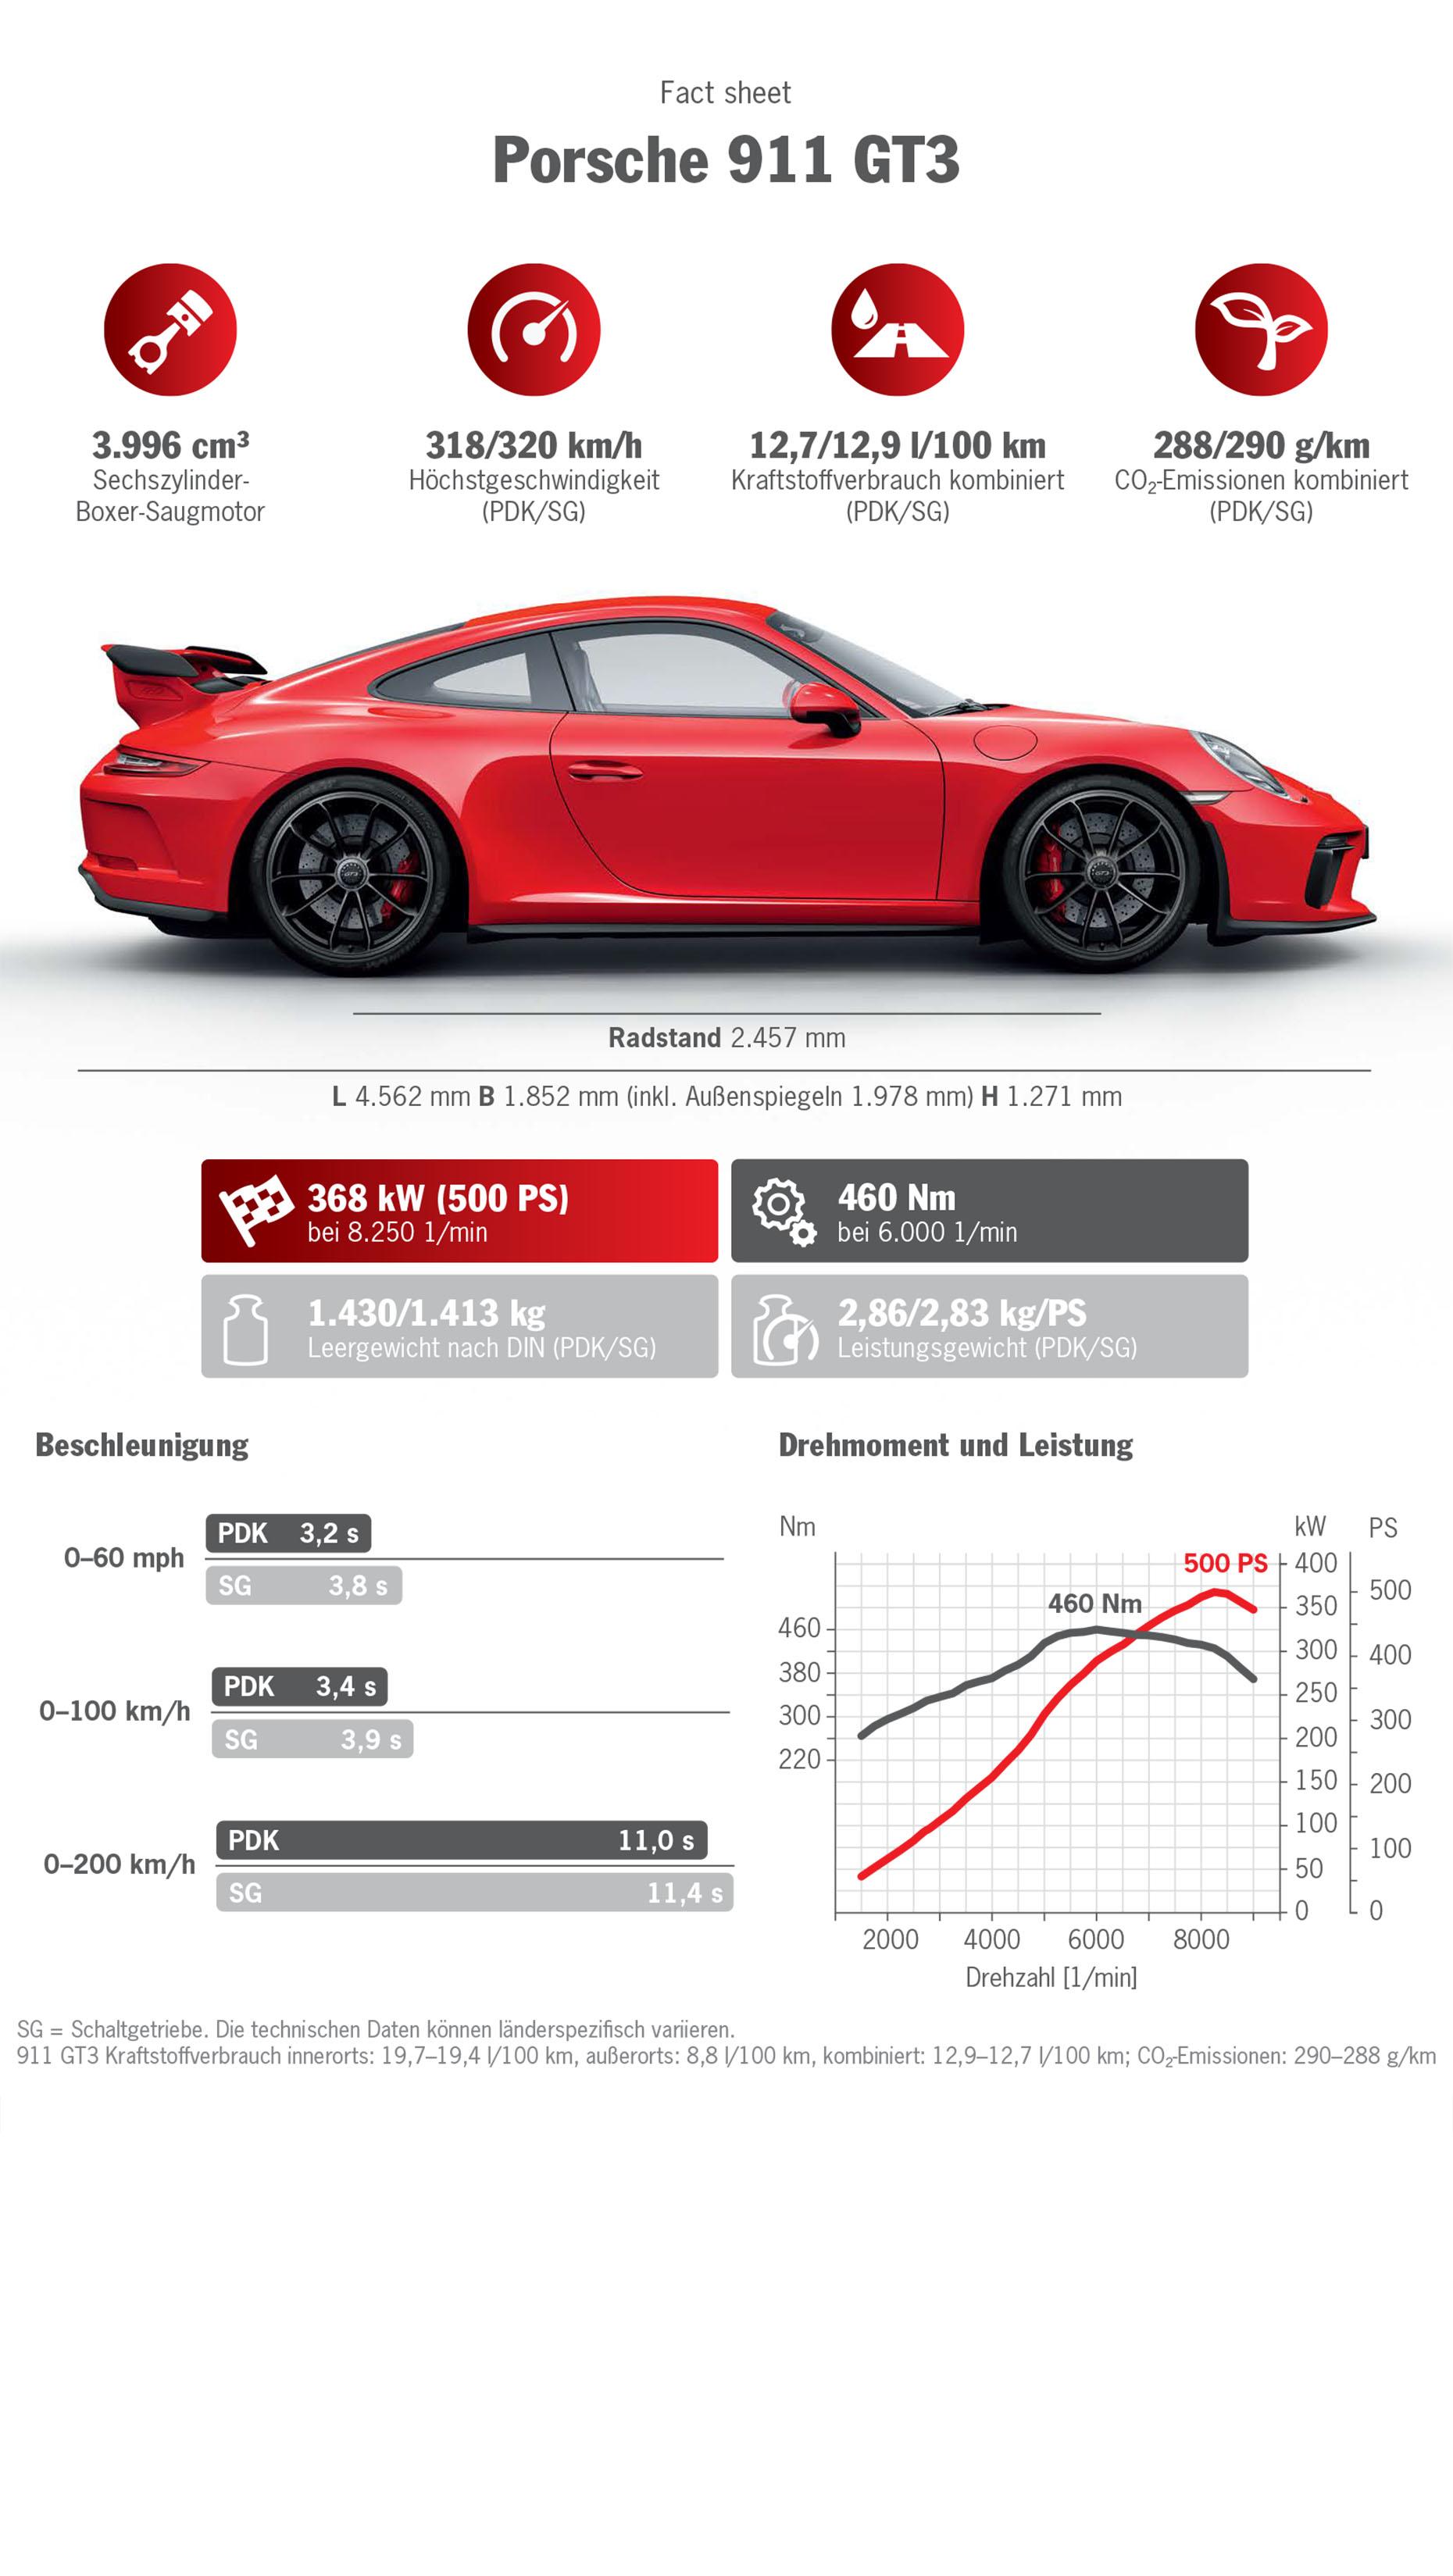 Infografik 911 GT3, 2017, Porsche AG